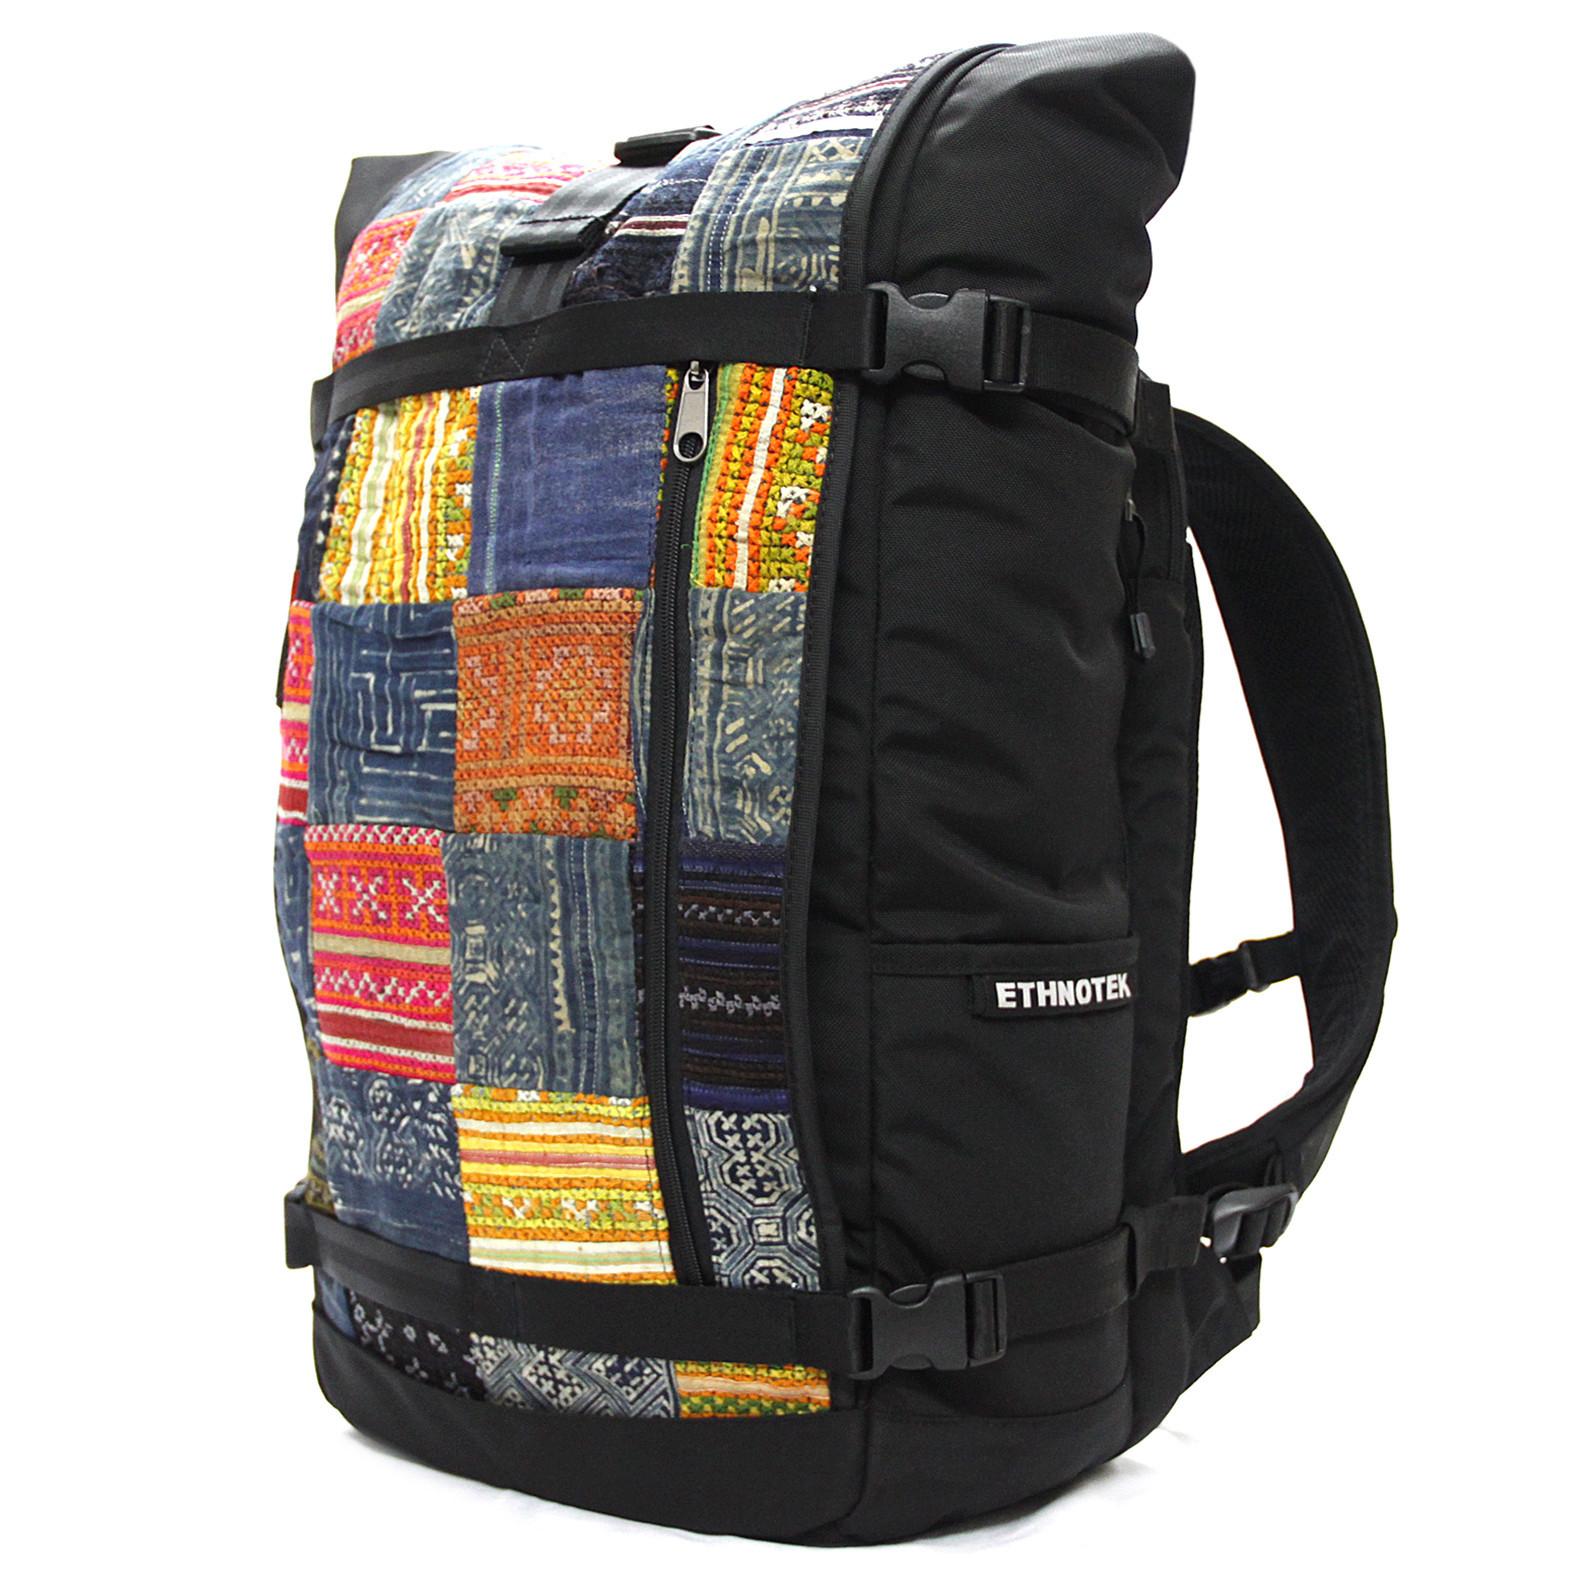 ethnotek backpack